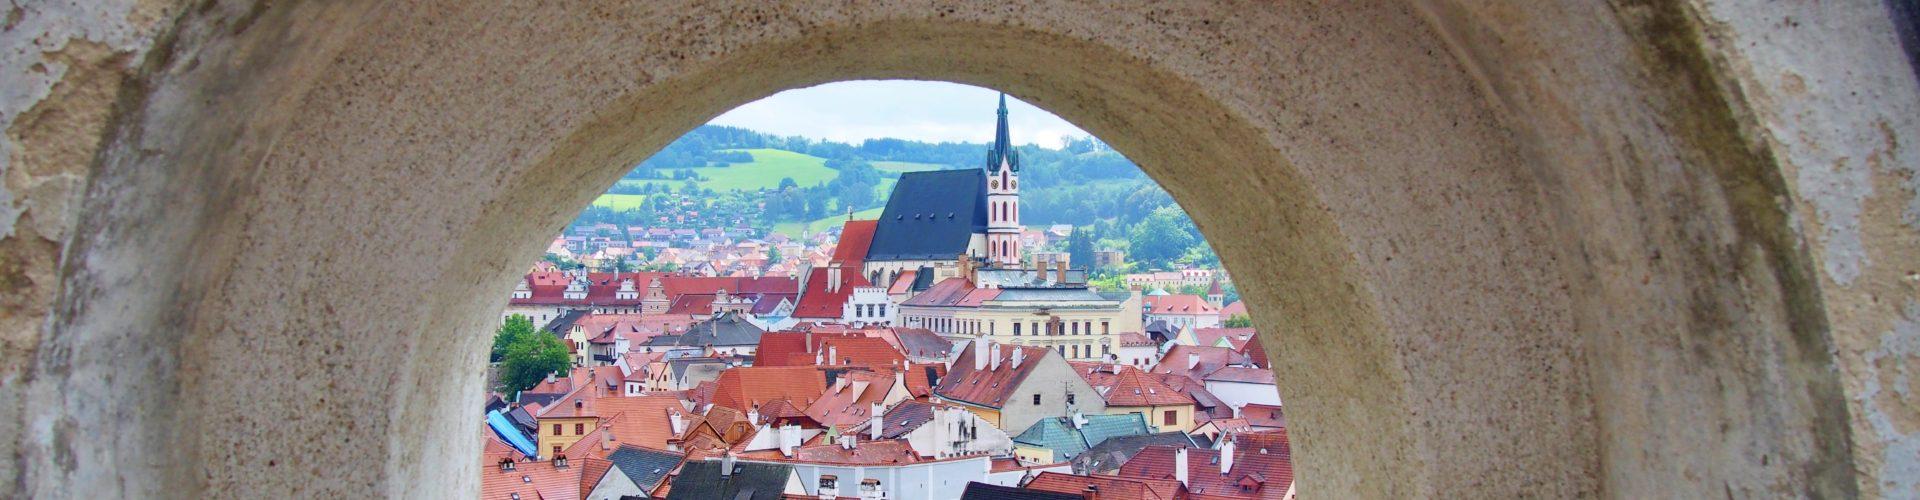 Kam v Českém Krumlově – co navštívit a zažít?